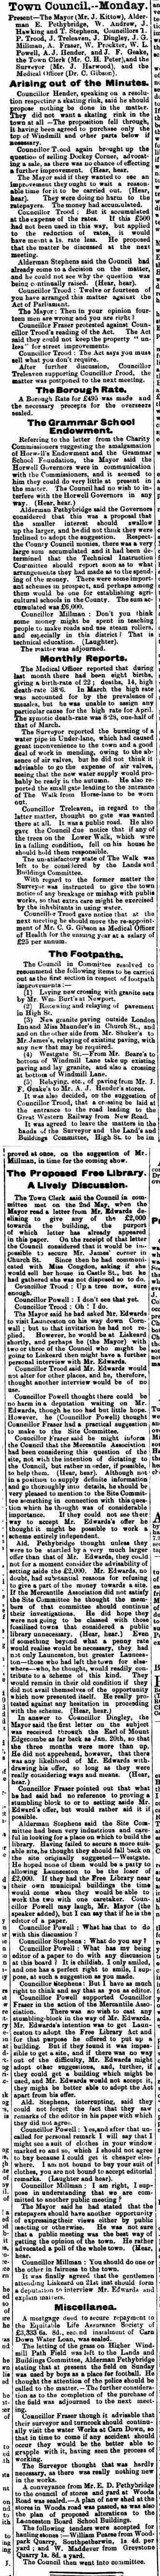 18 May 1895